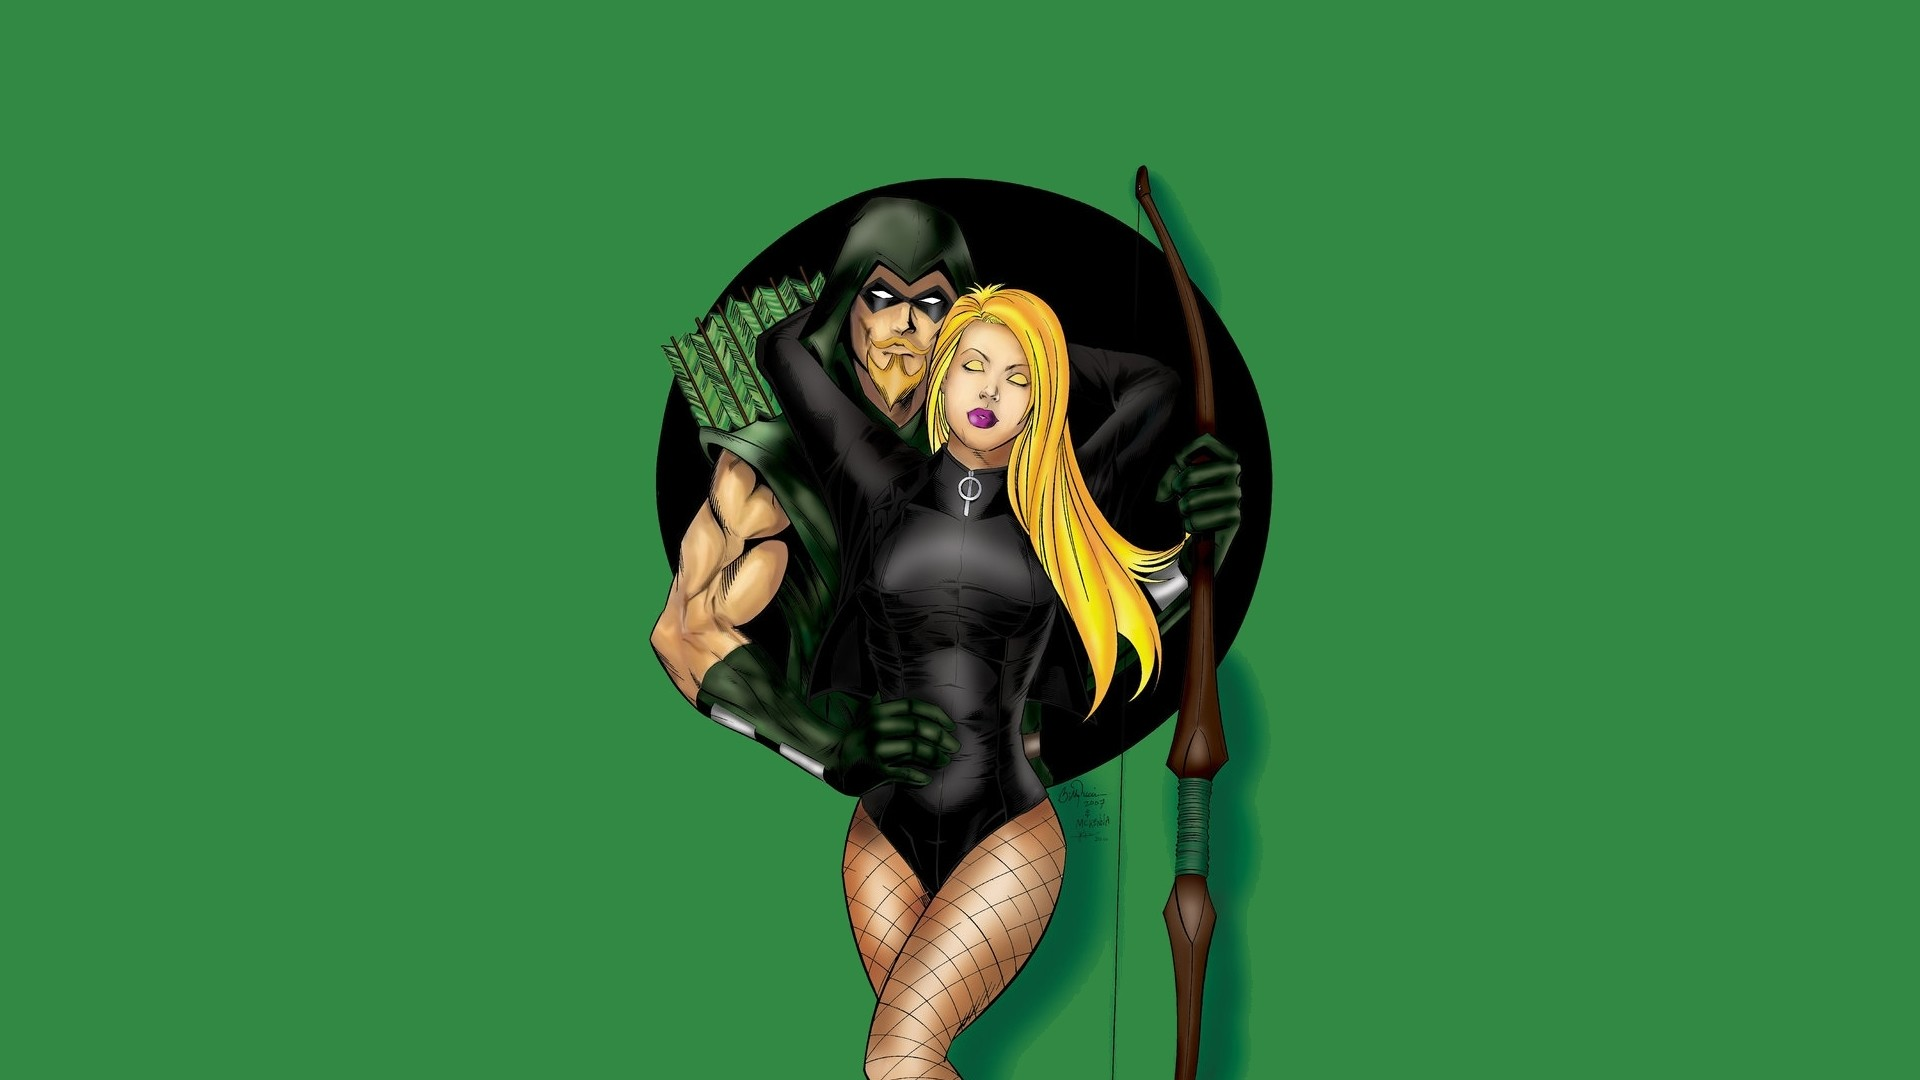 Comics – Green Arrow Black Canary Wallpaper